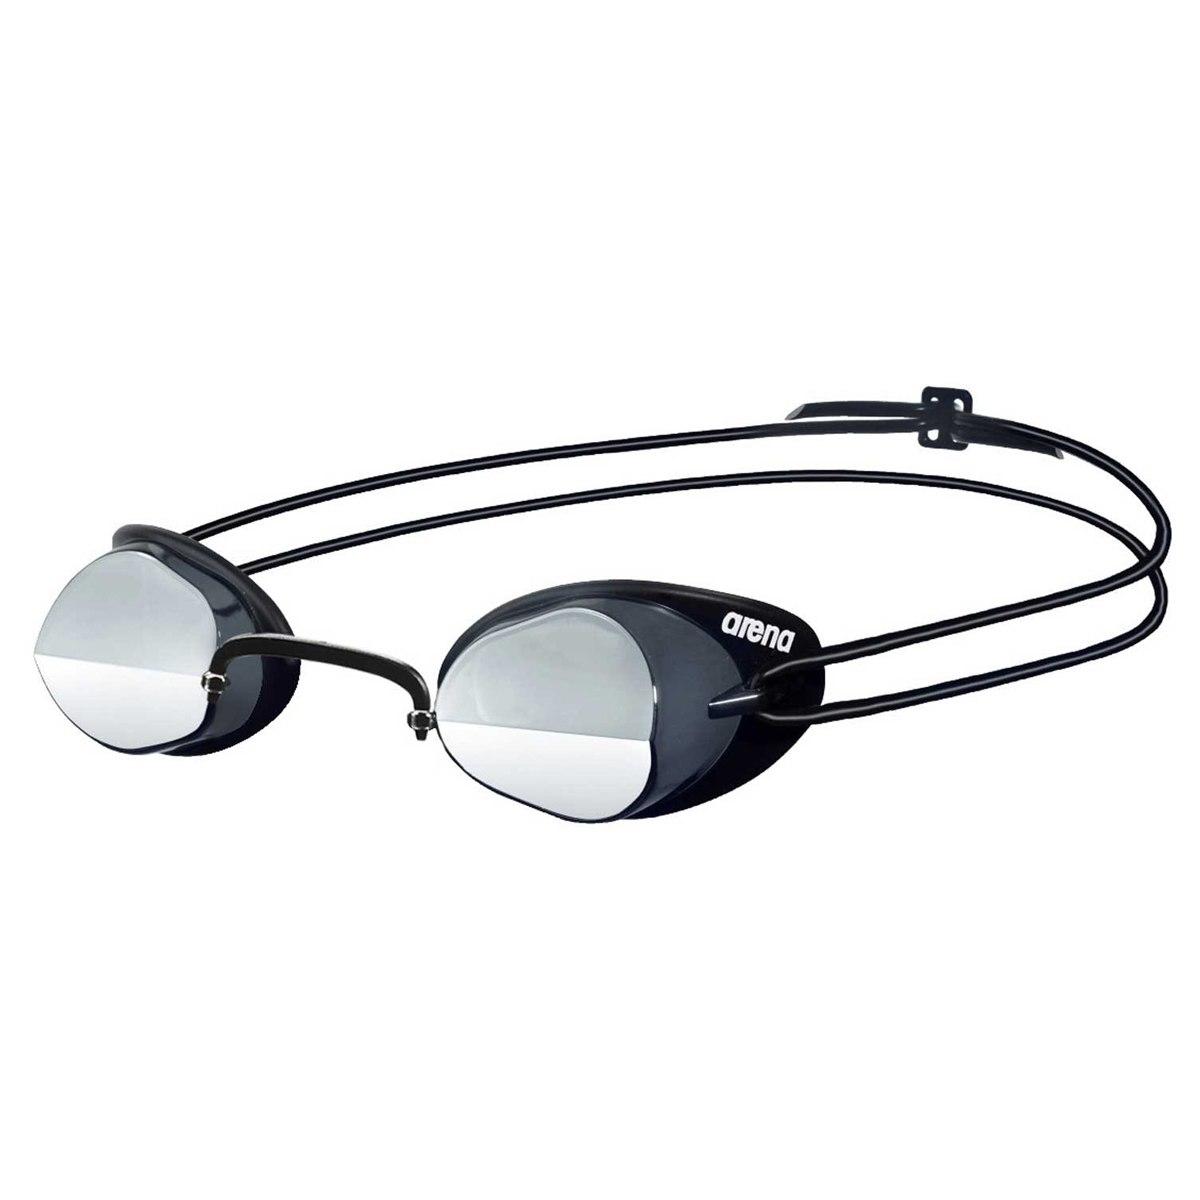 arena Swedix Mirror Smoke/Silver/Black Swimming Goggle